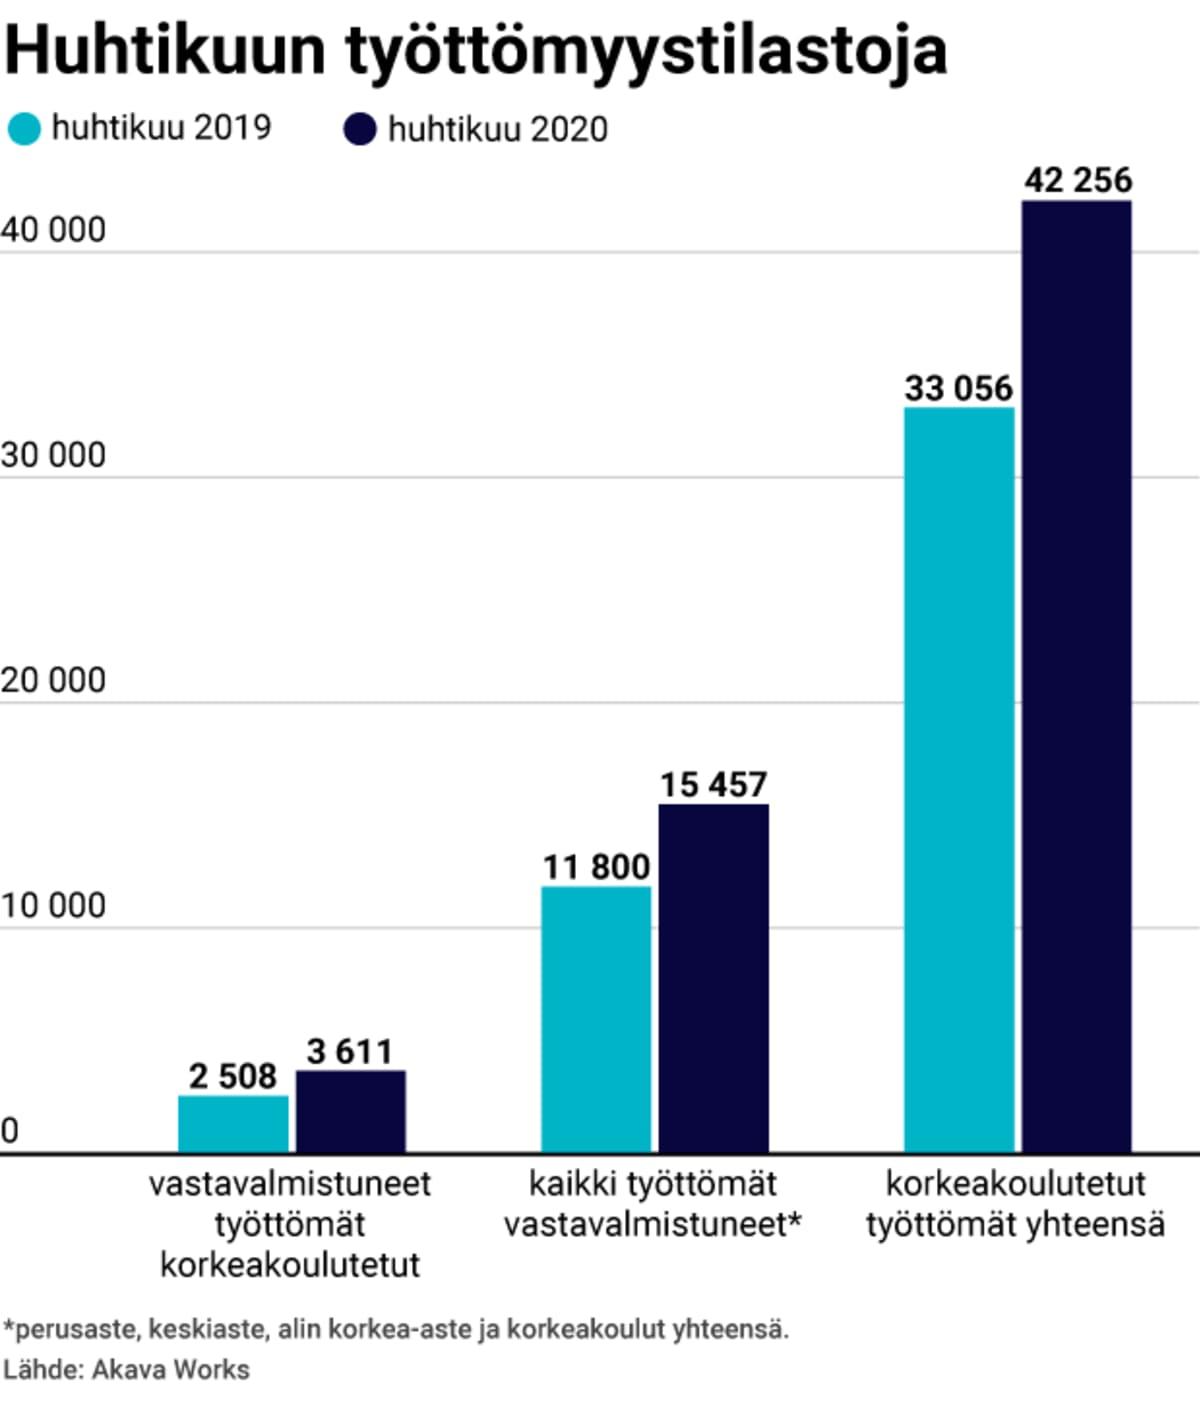 Huhtikuun 2019 ja 2020 työttömyystilastoja